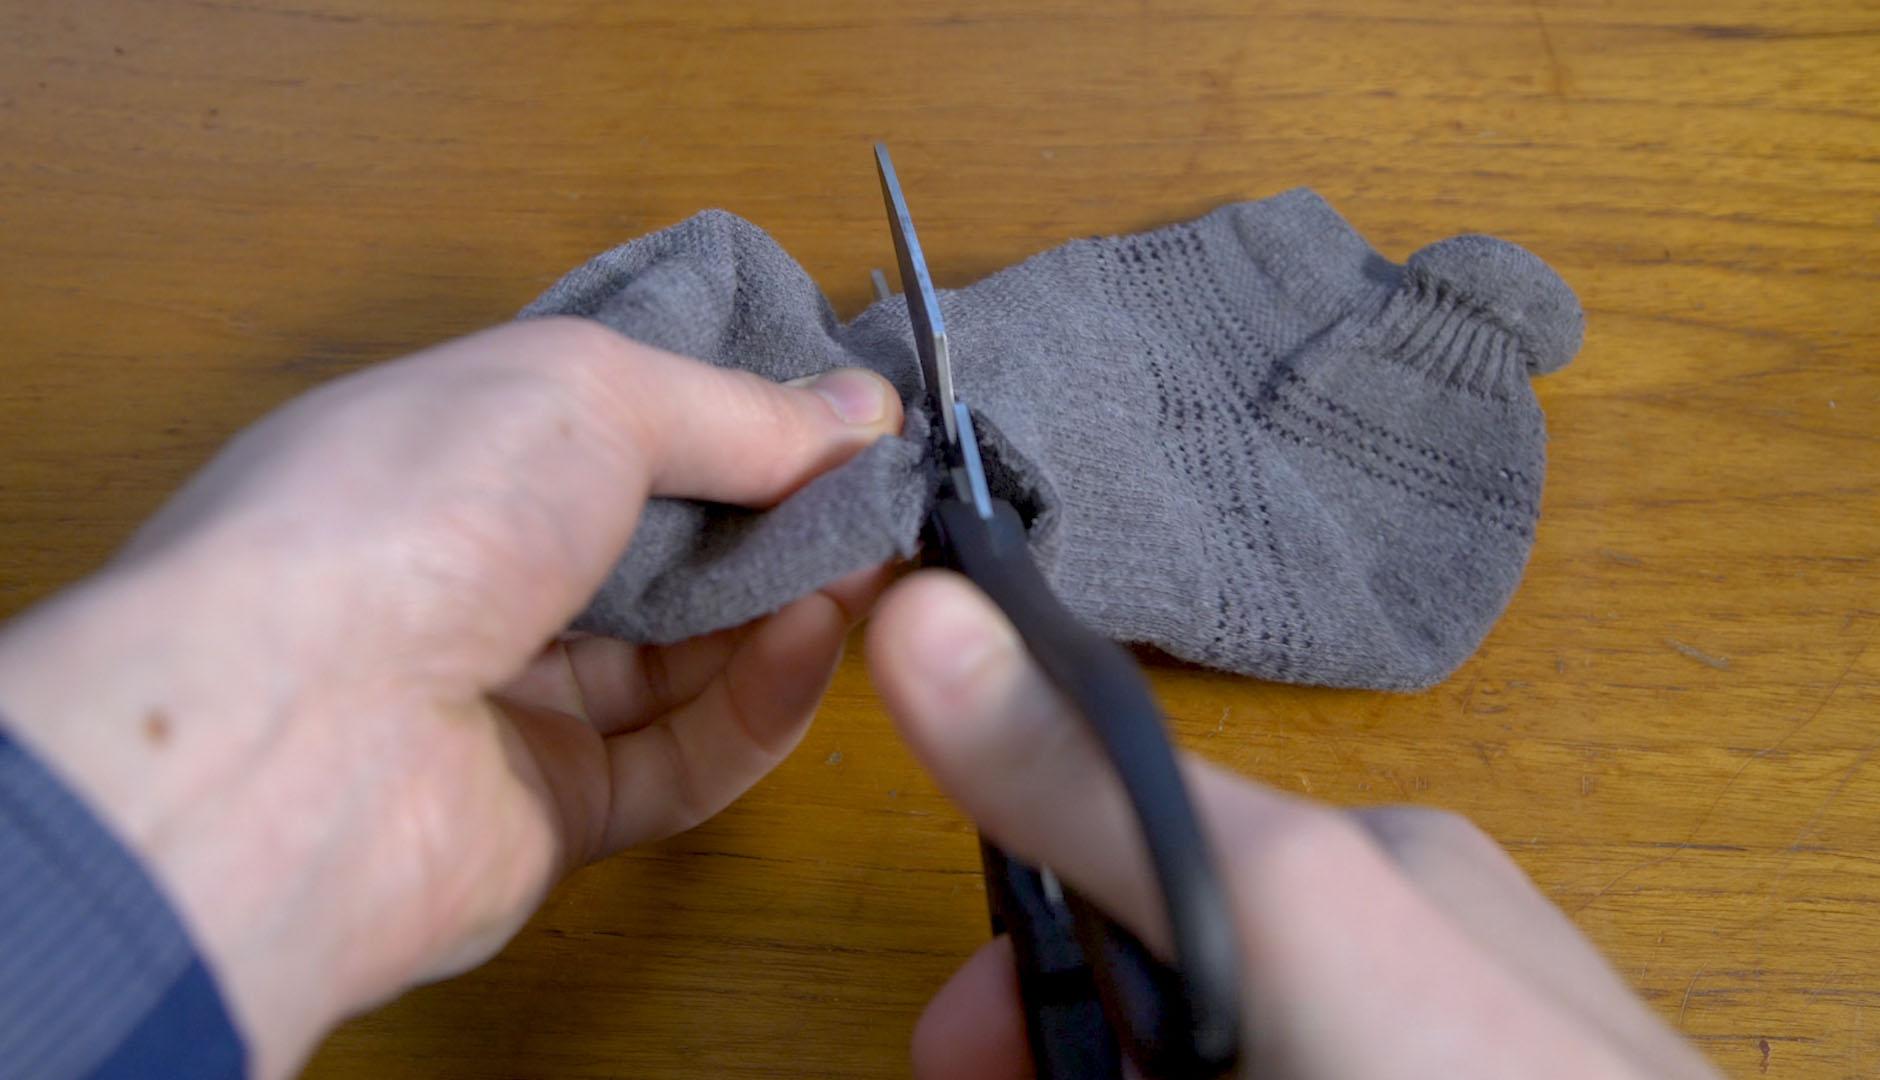 Manos usan la tijera para cortar una media